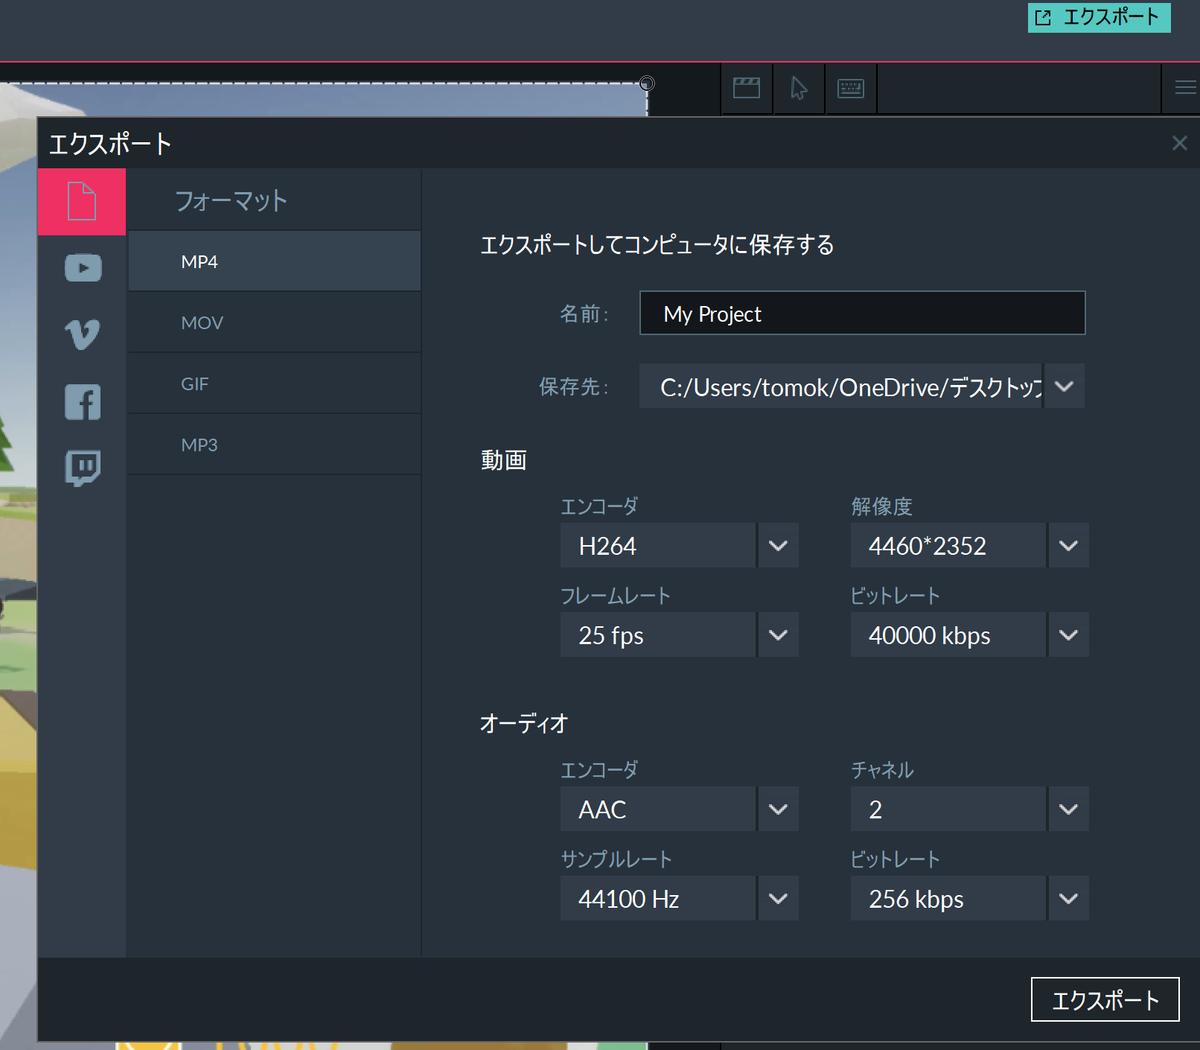 f:id:kainokainokaino:20190726064119p:plain